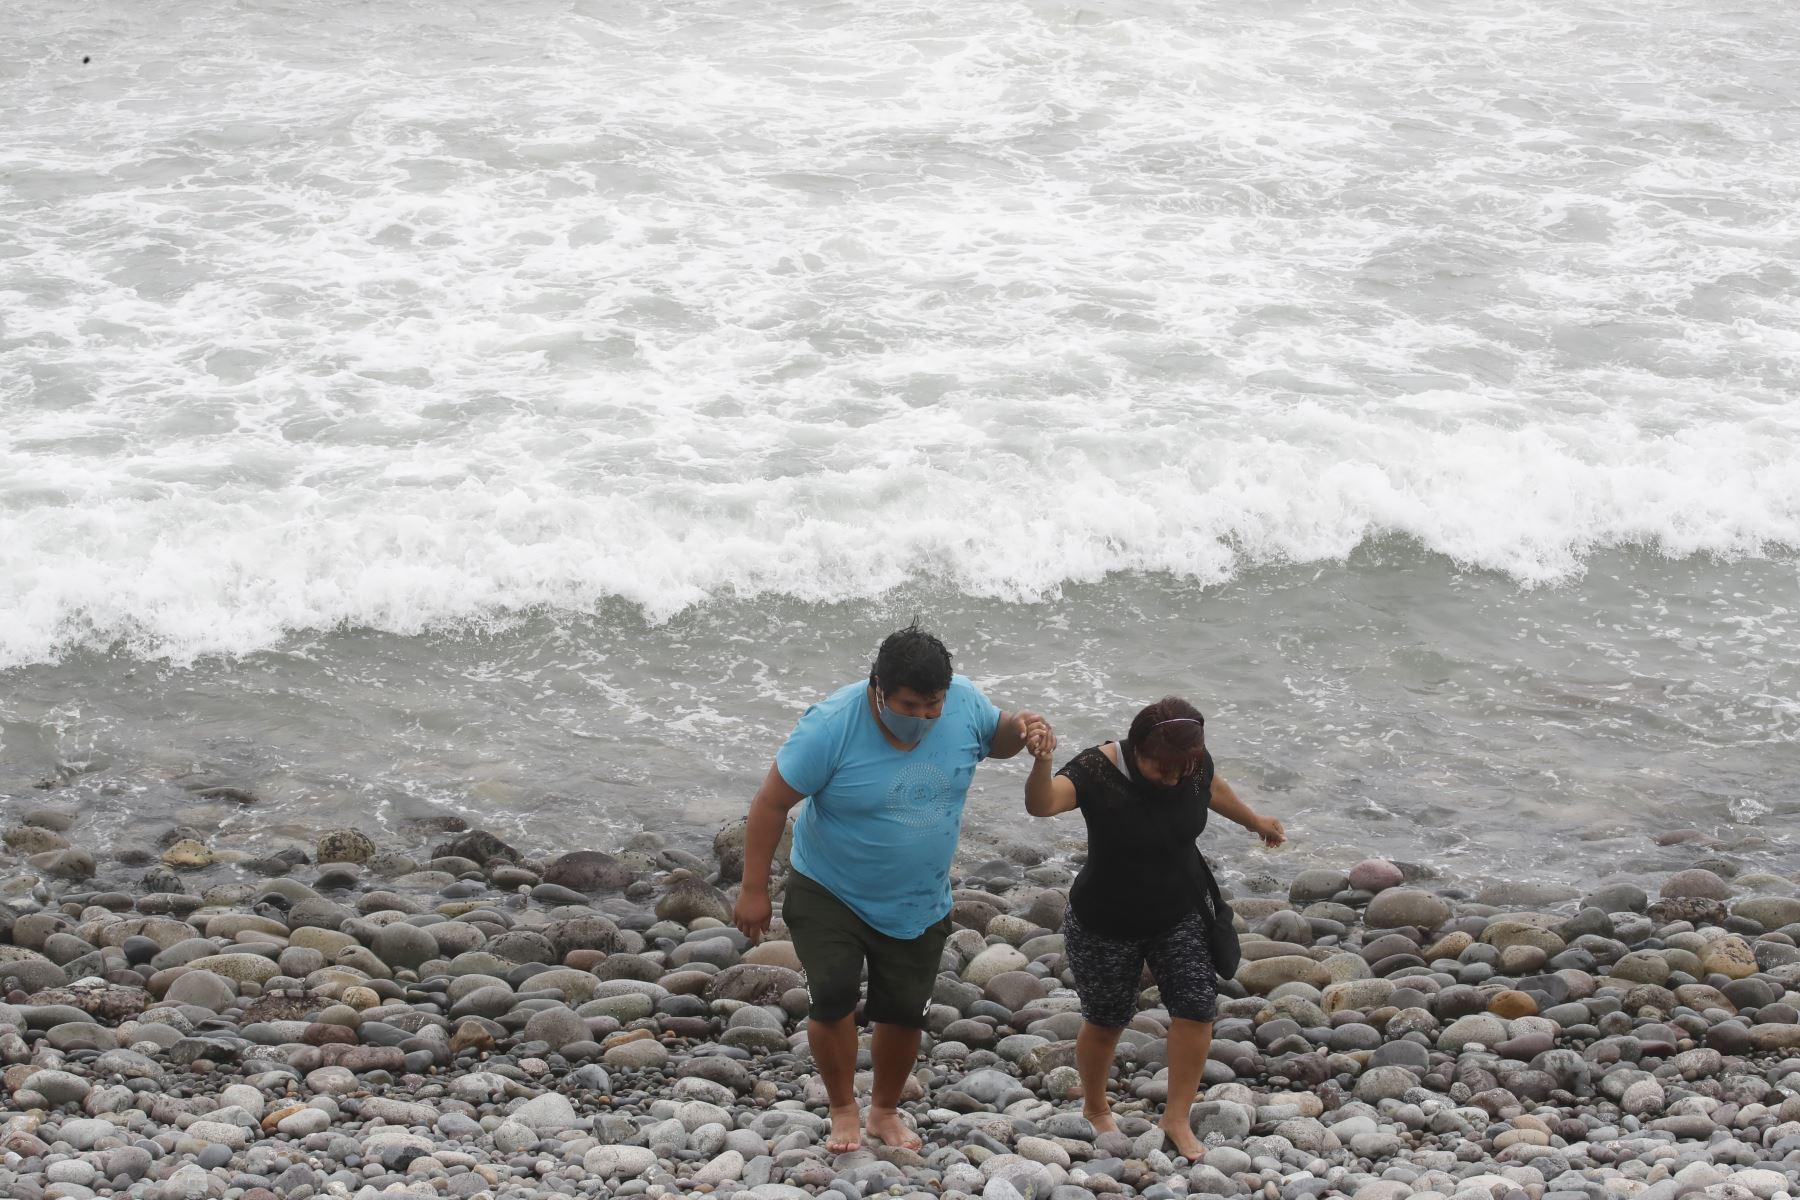 Playas se podrían convertir en nuevos focos de contagio del covid-19. Foto: ANDINA/Juan Carlos Guzmán